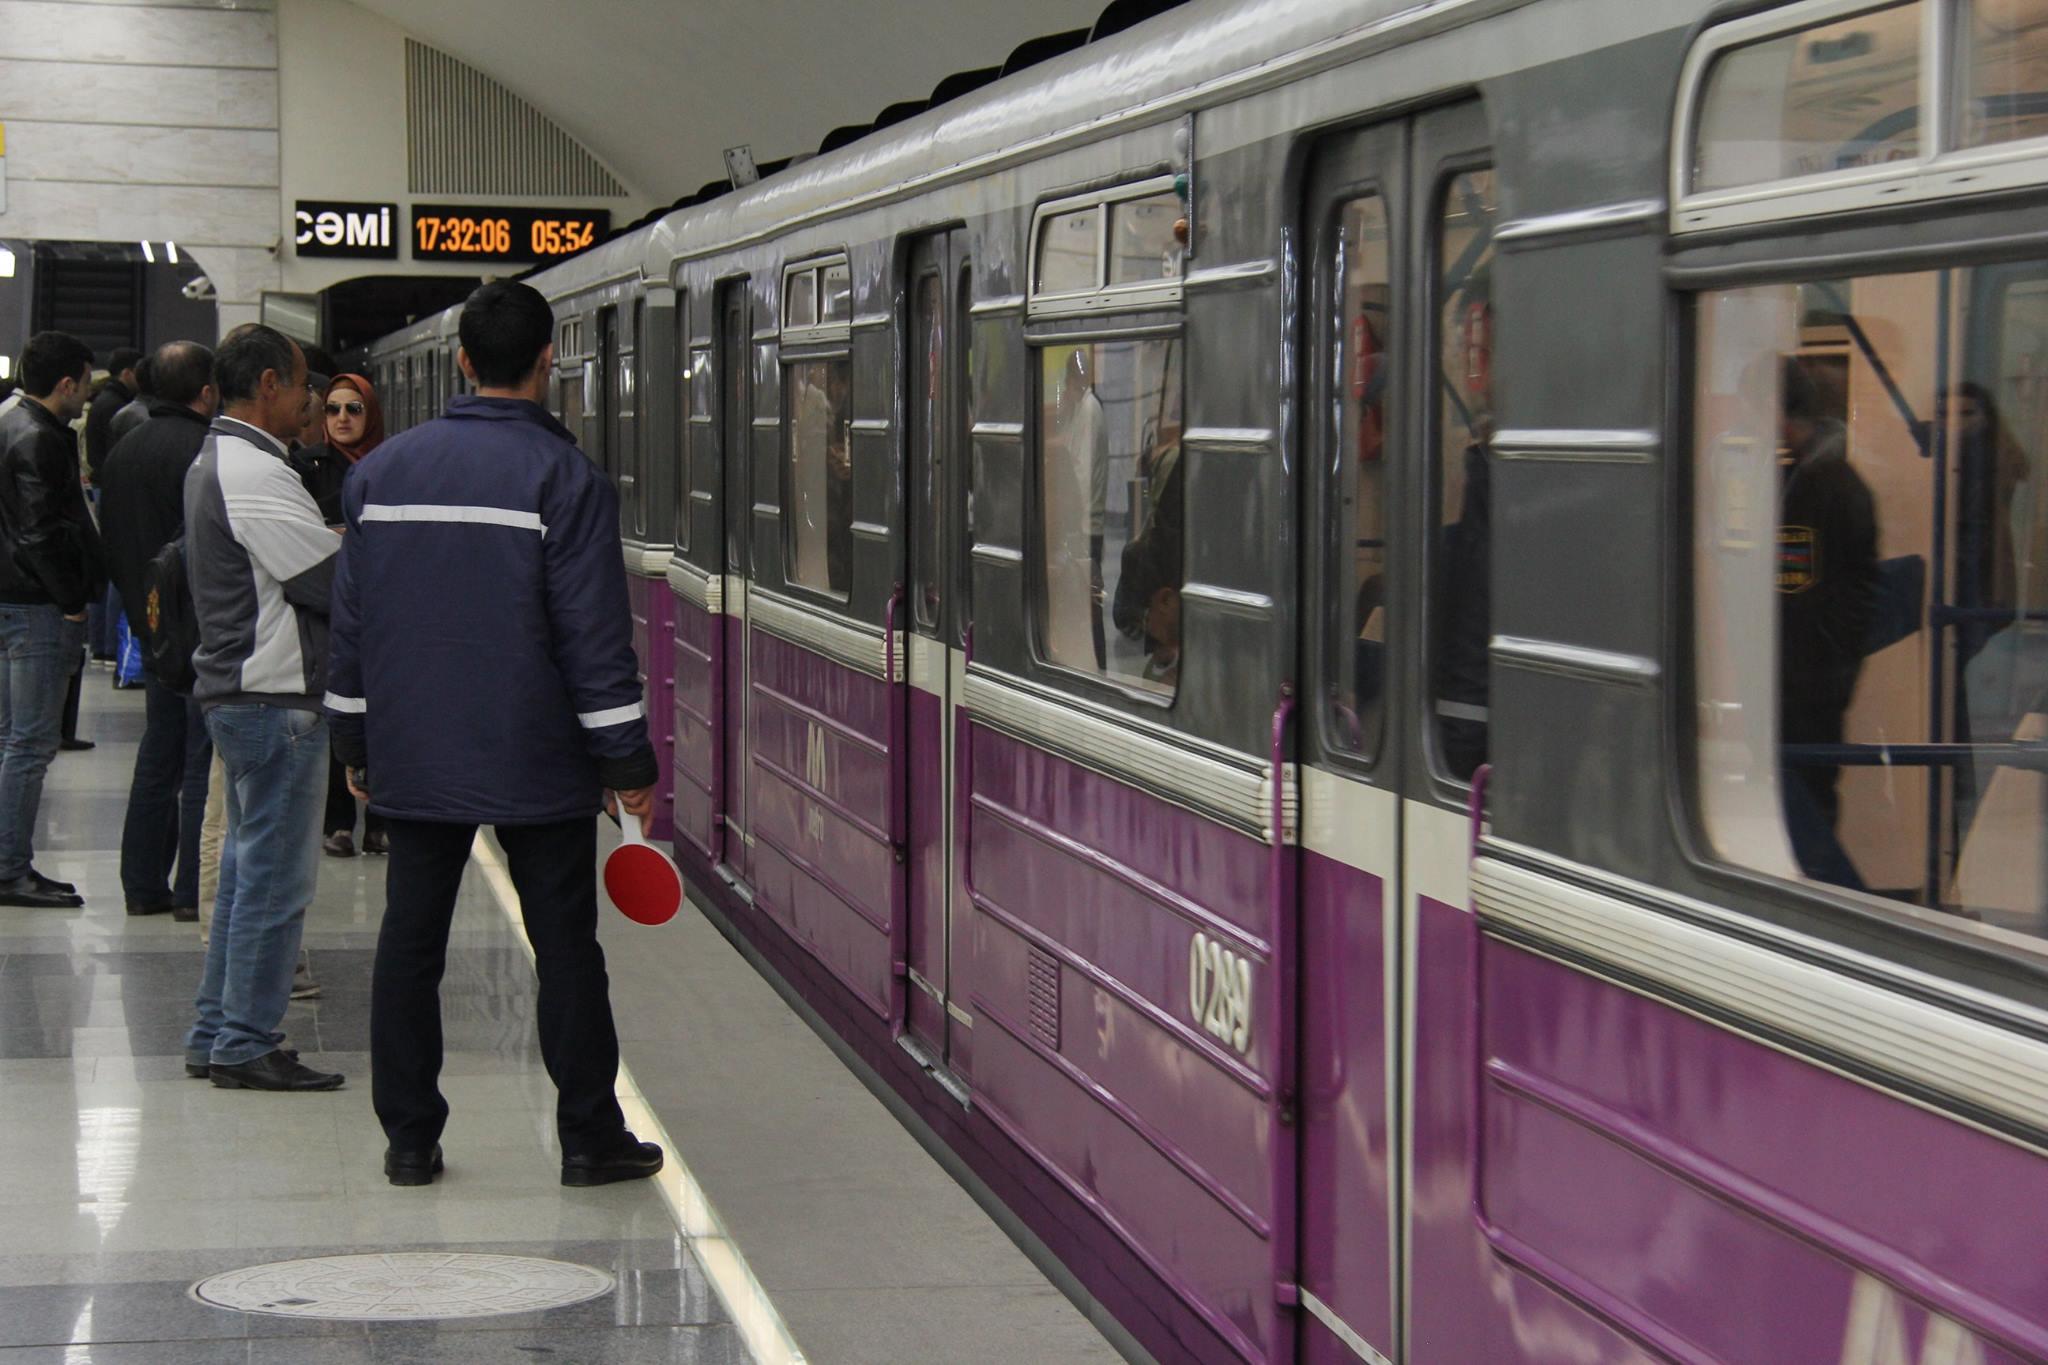 Bakı metrosunda pulsuz dəqiqələr - Sərnişinlər ödənişsiz olaraq stansiyalara buraxılıb